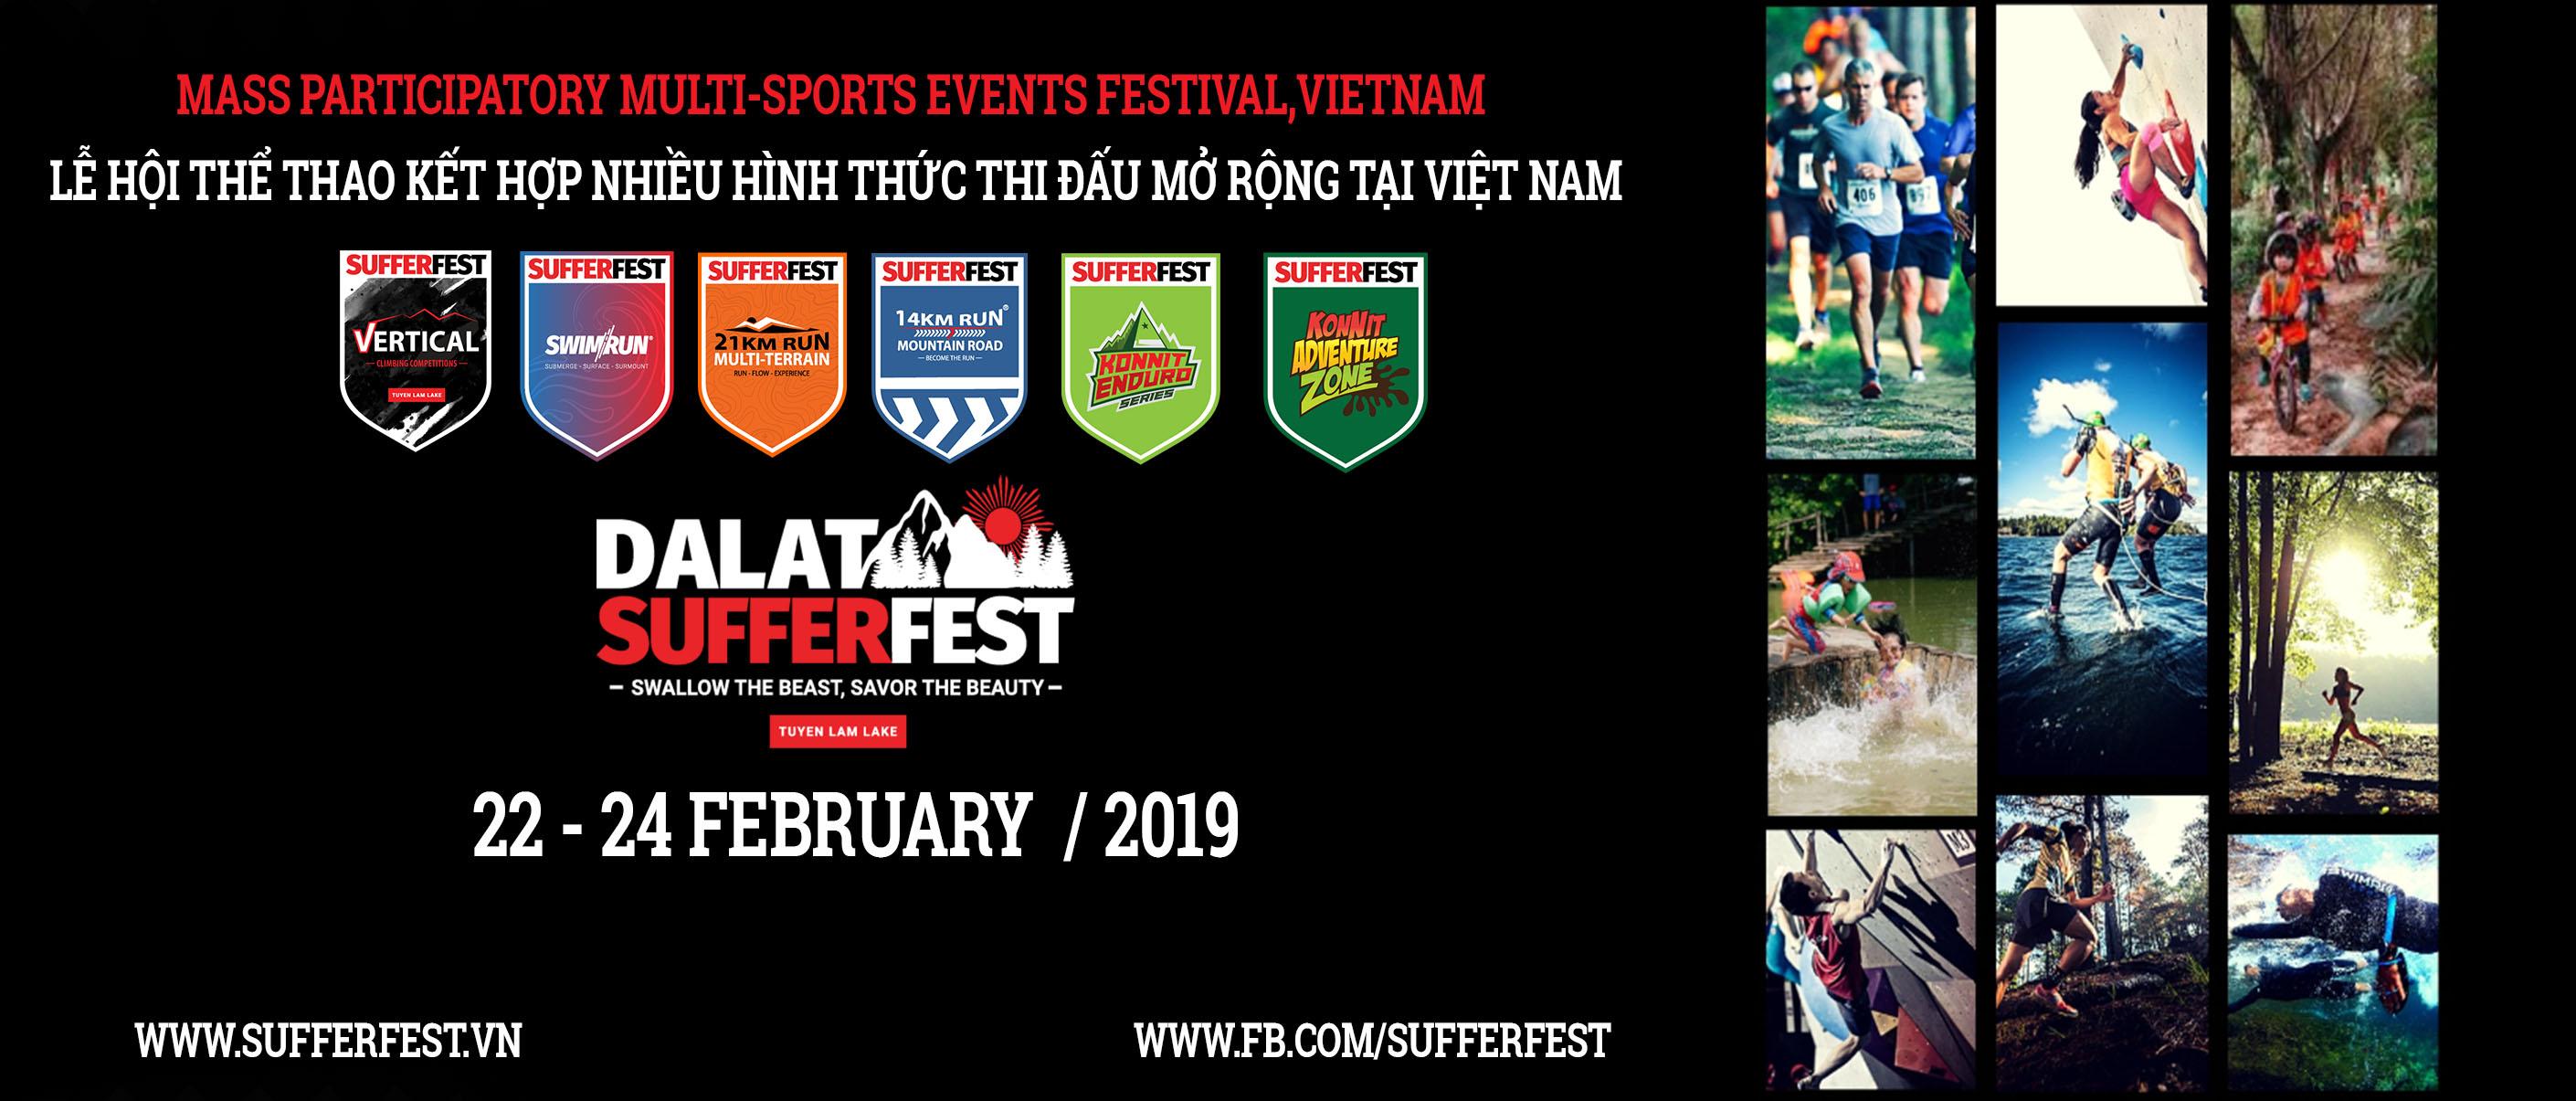 dalat-suffer-fest-2019